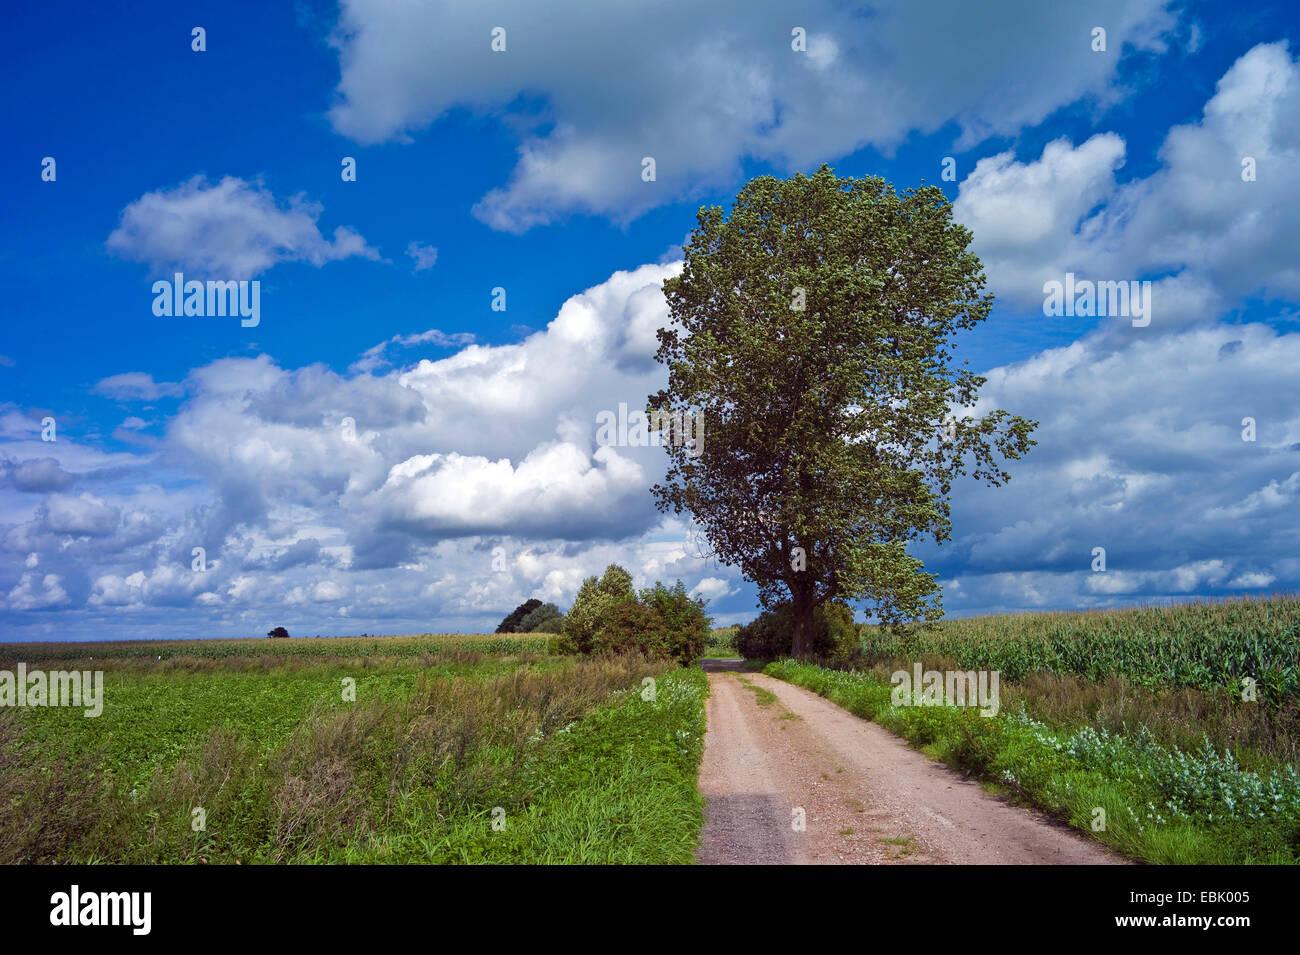 aspen, poplar (Populus spec.), waysides in summerly field landscape, Germany, Borgfeld, Bremen - Stock Image